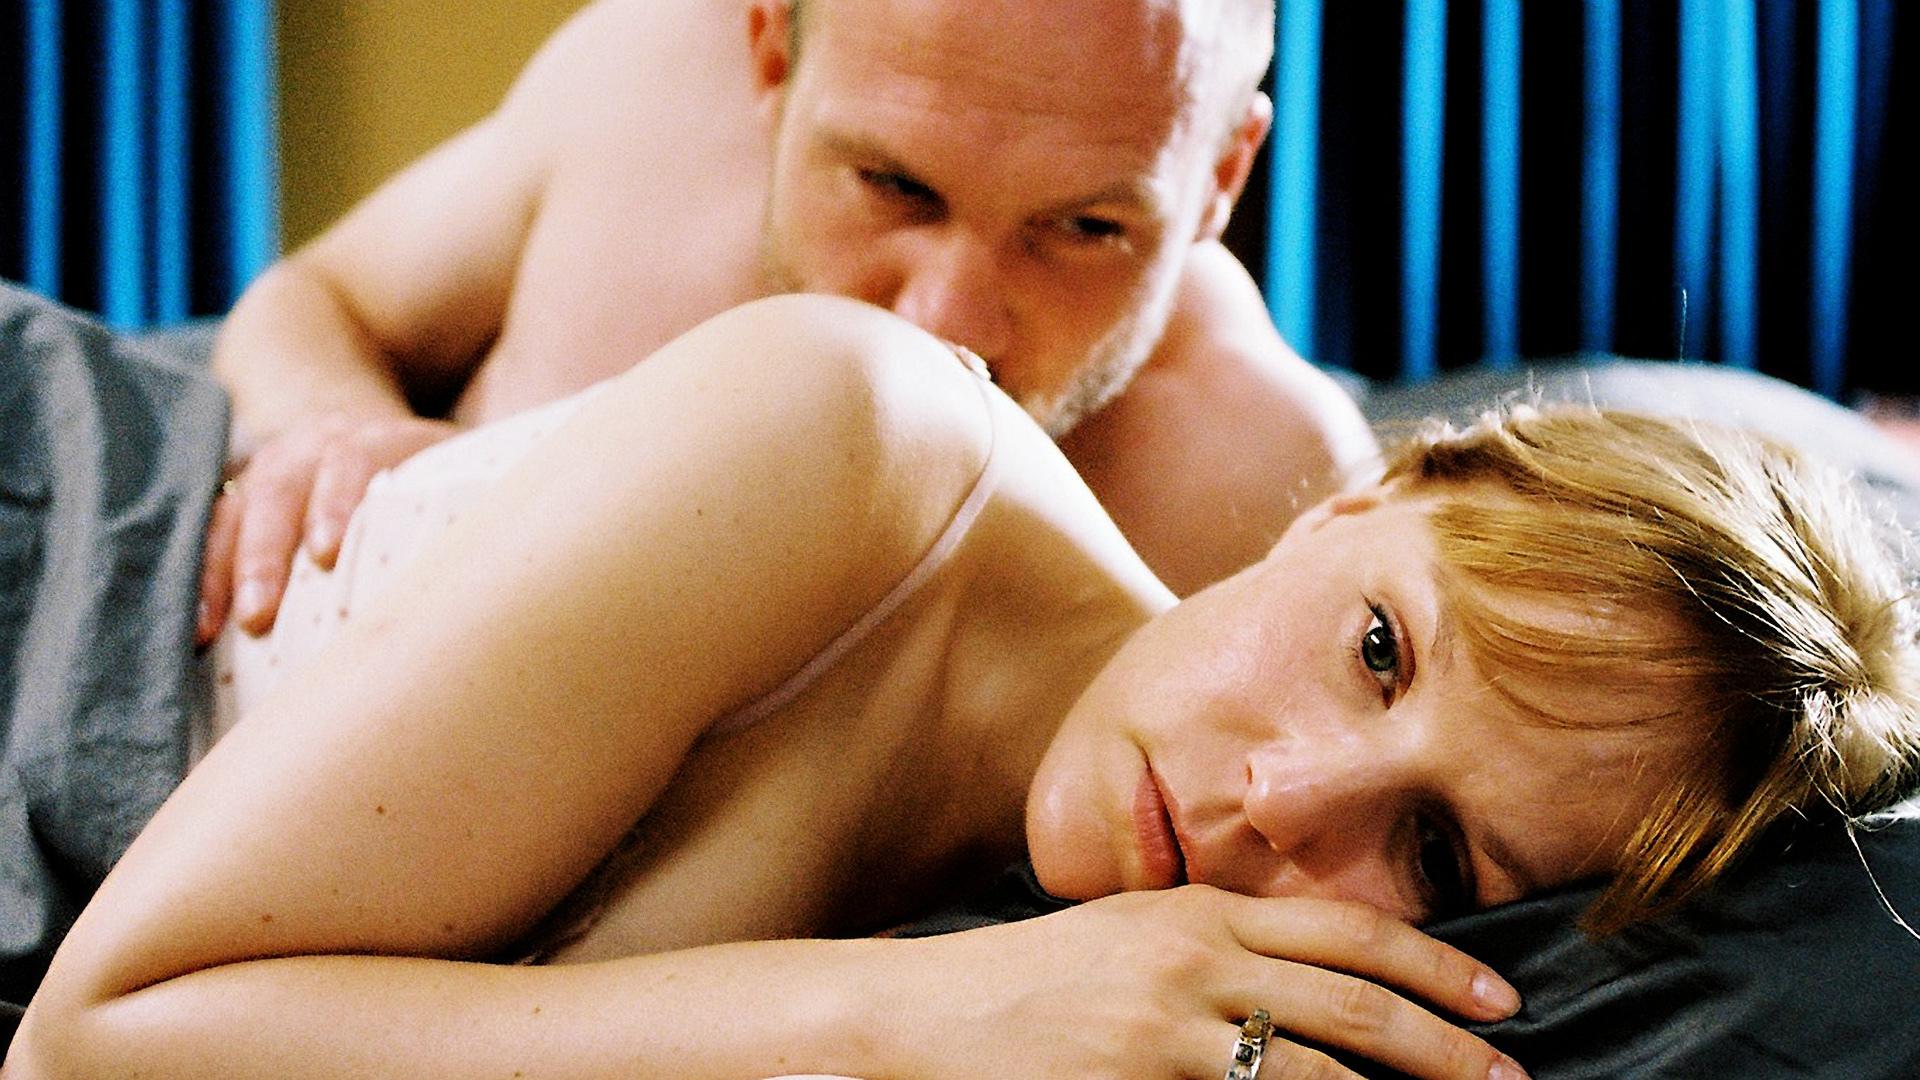 smotret-filmi-erotiki-na-russkom-porno-roliki